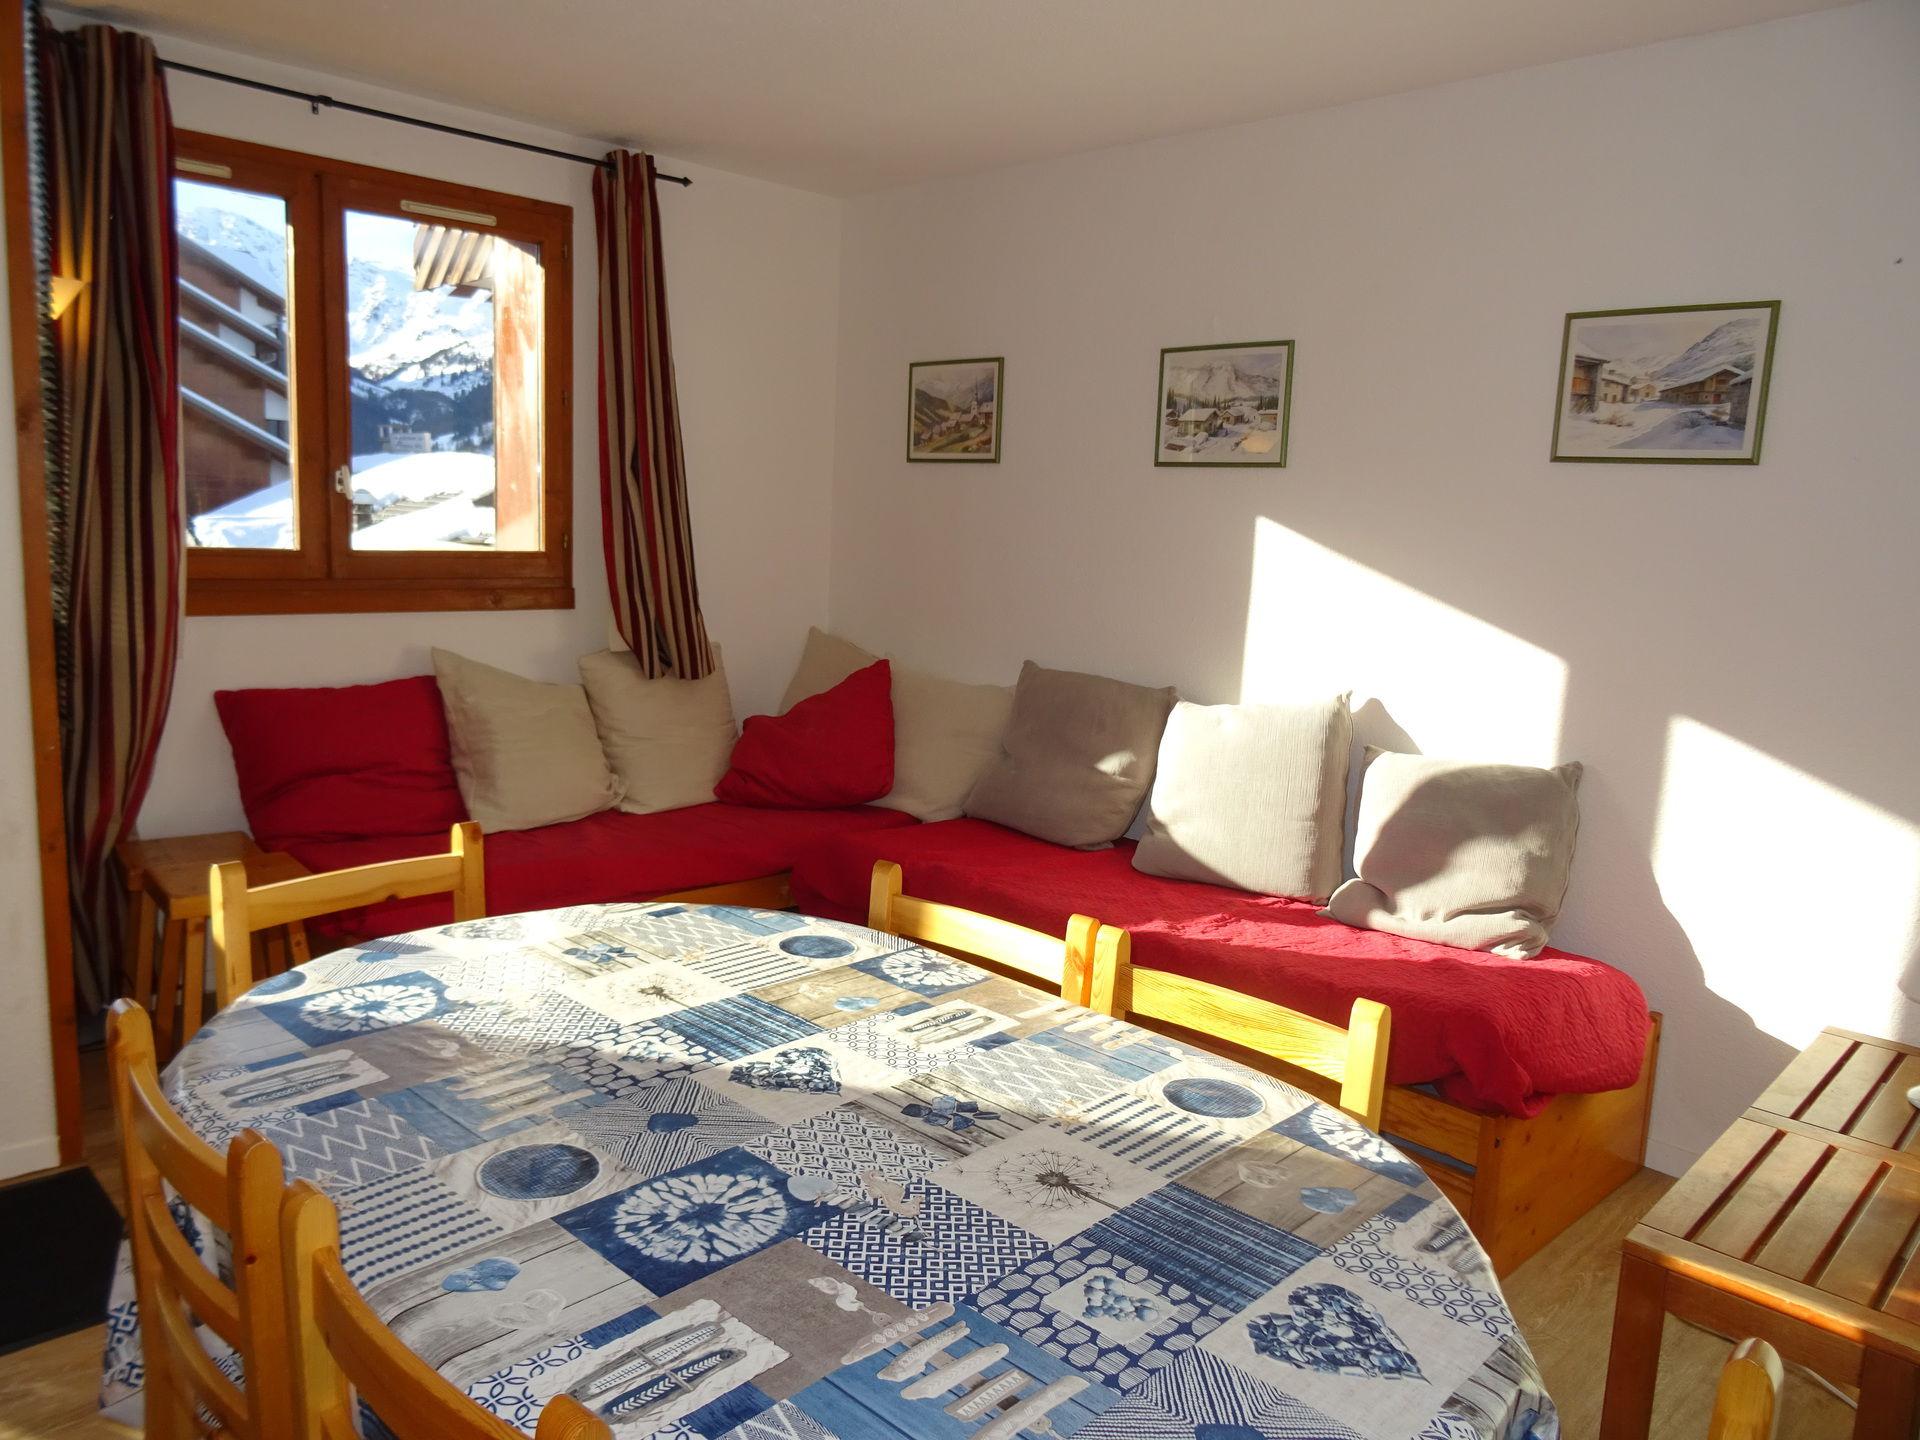 Appartement 4 pièces 8 personnes à Vallandry en...